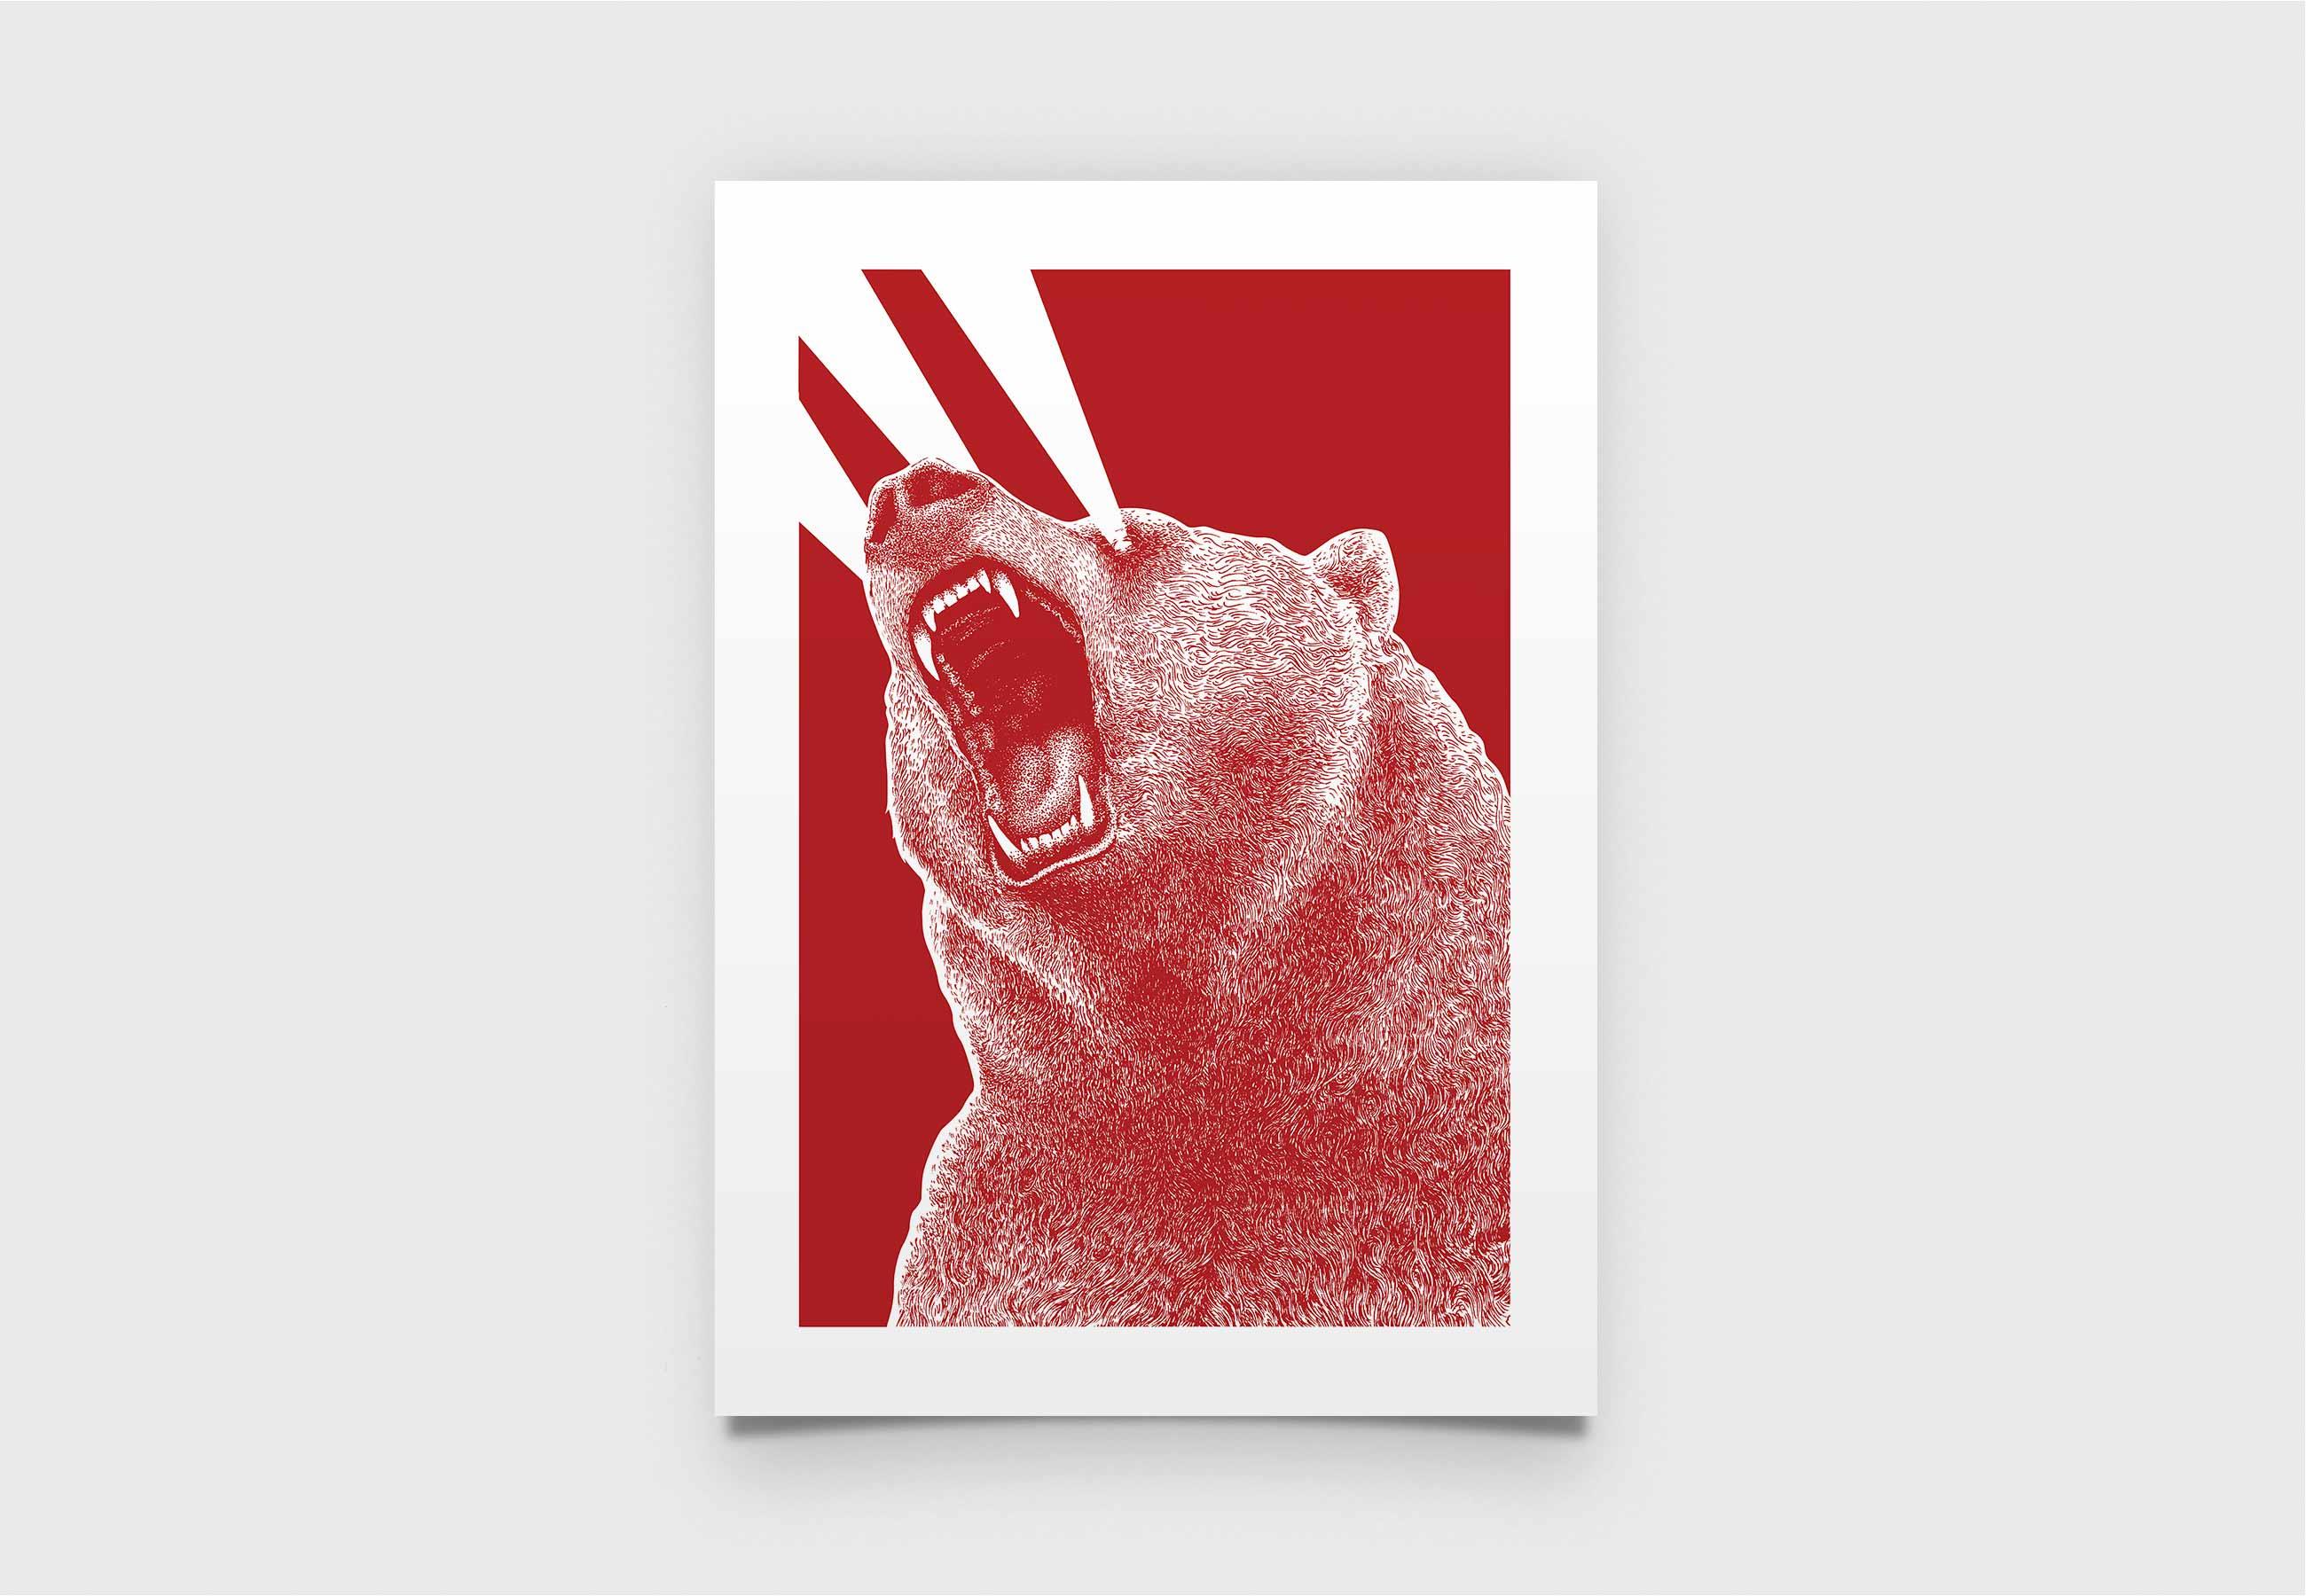 3rd_eye_creatures_bear_parallele_graphique